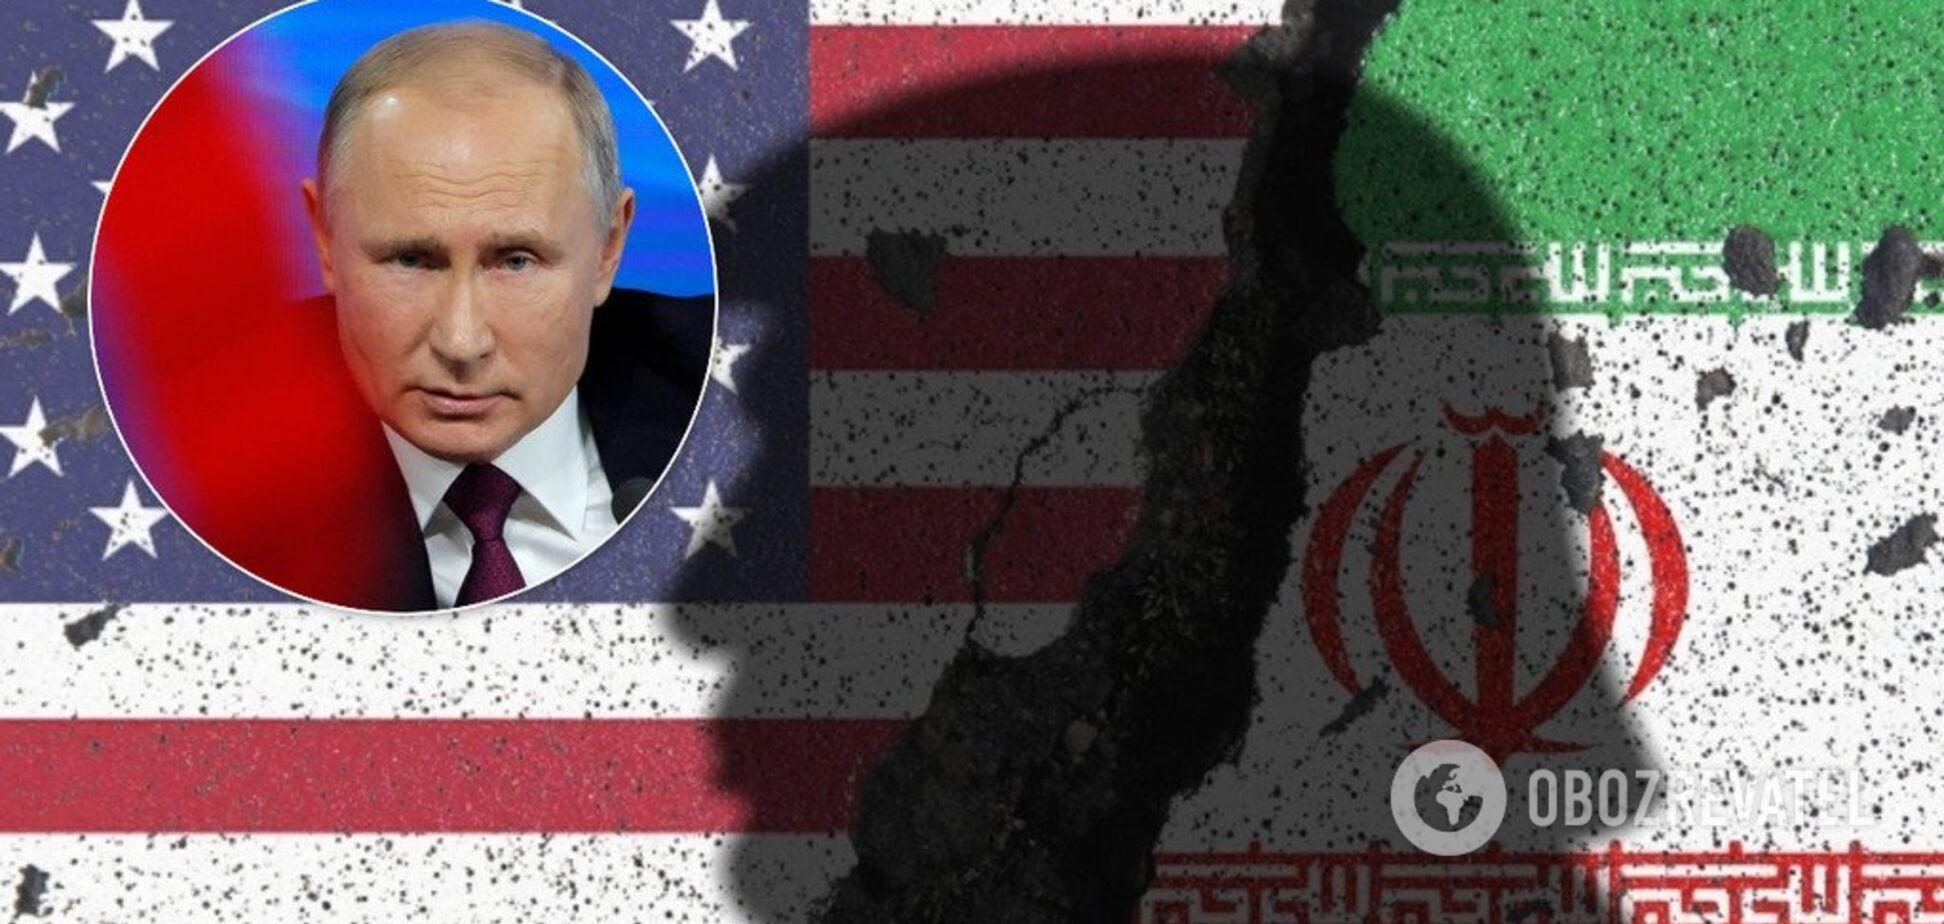 Про військовий удар по Ірану, вбивство Сулеймані та 'миротворця' Путіна: ексклюзивне інтерв'ю експосла Ізраїлю в Україні